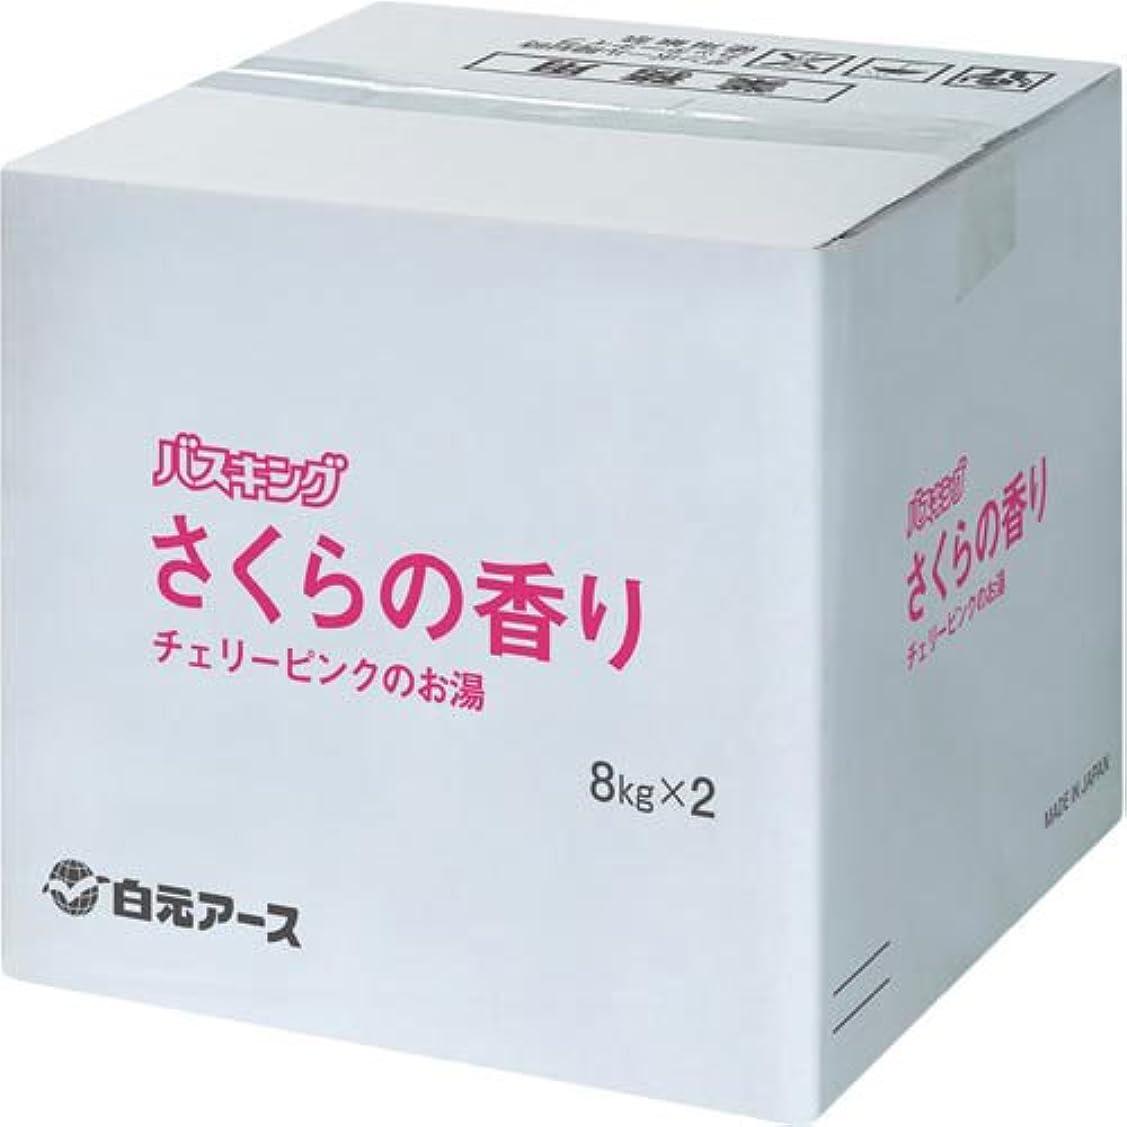 臭い電池マンハッタン白元アース バスキング さくらの香り 16kg